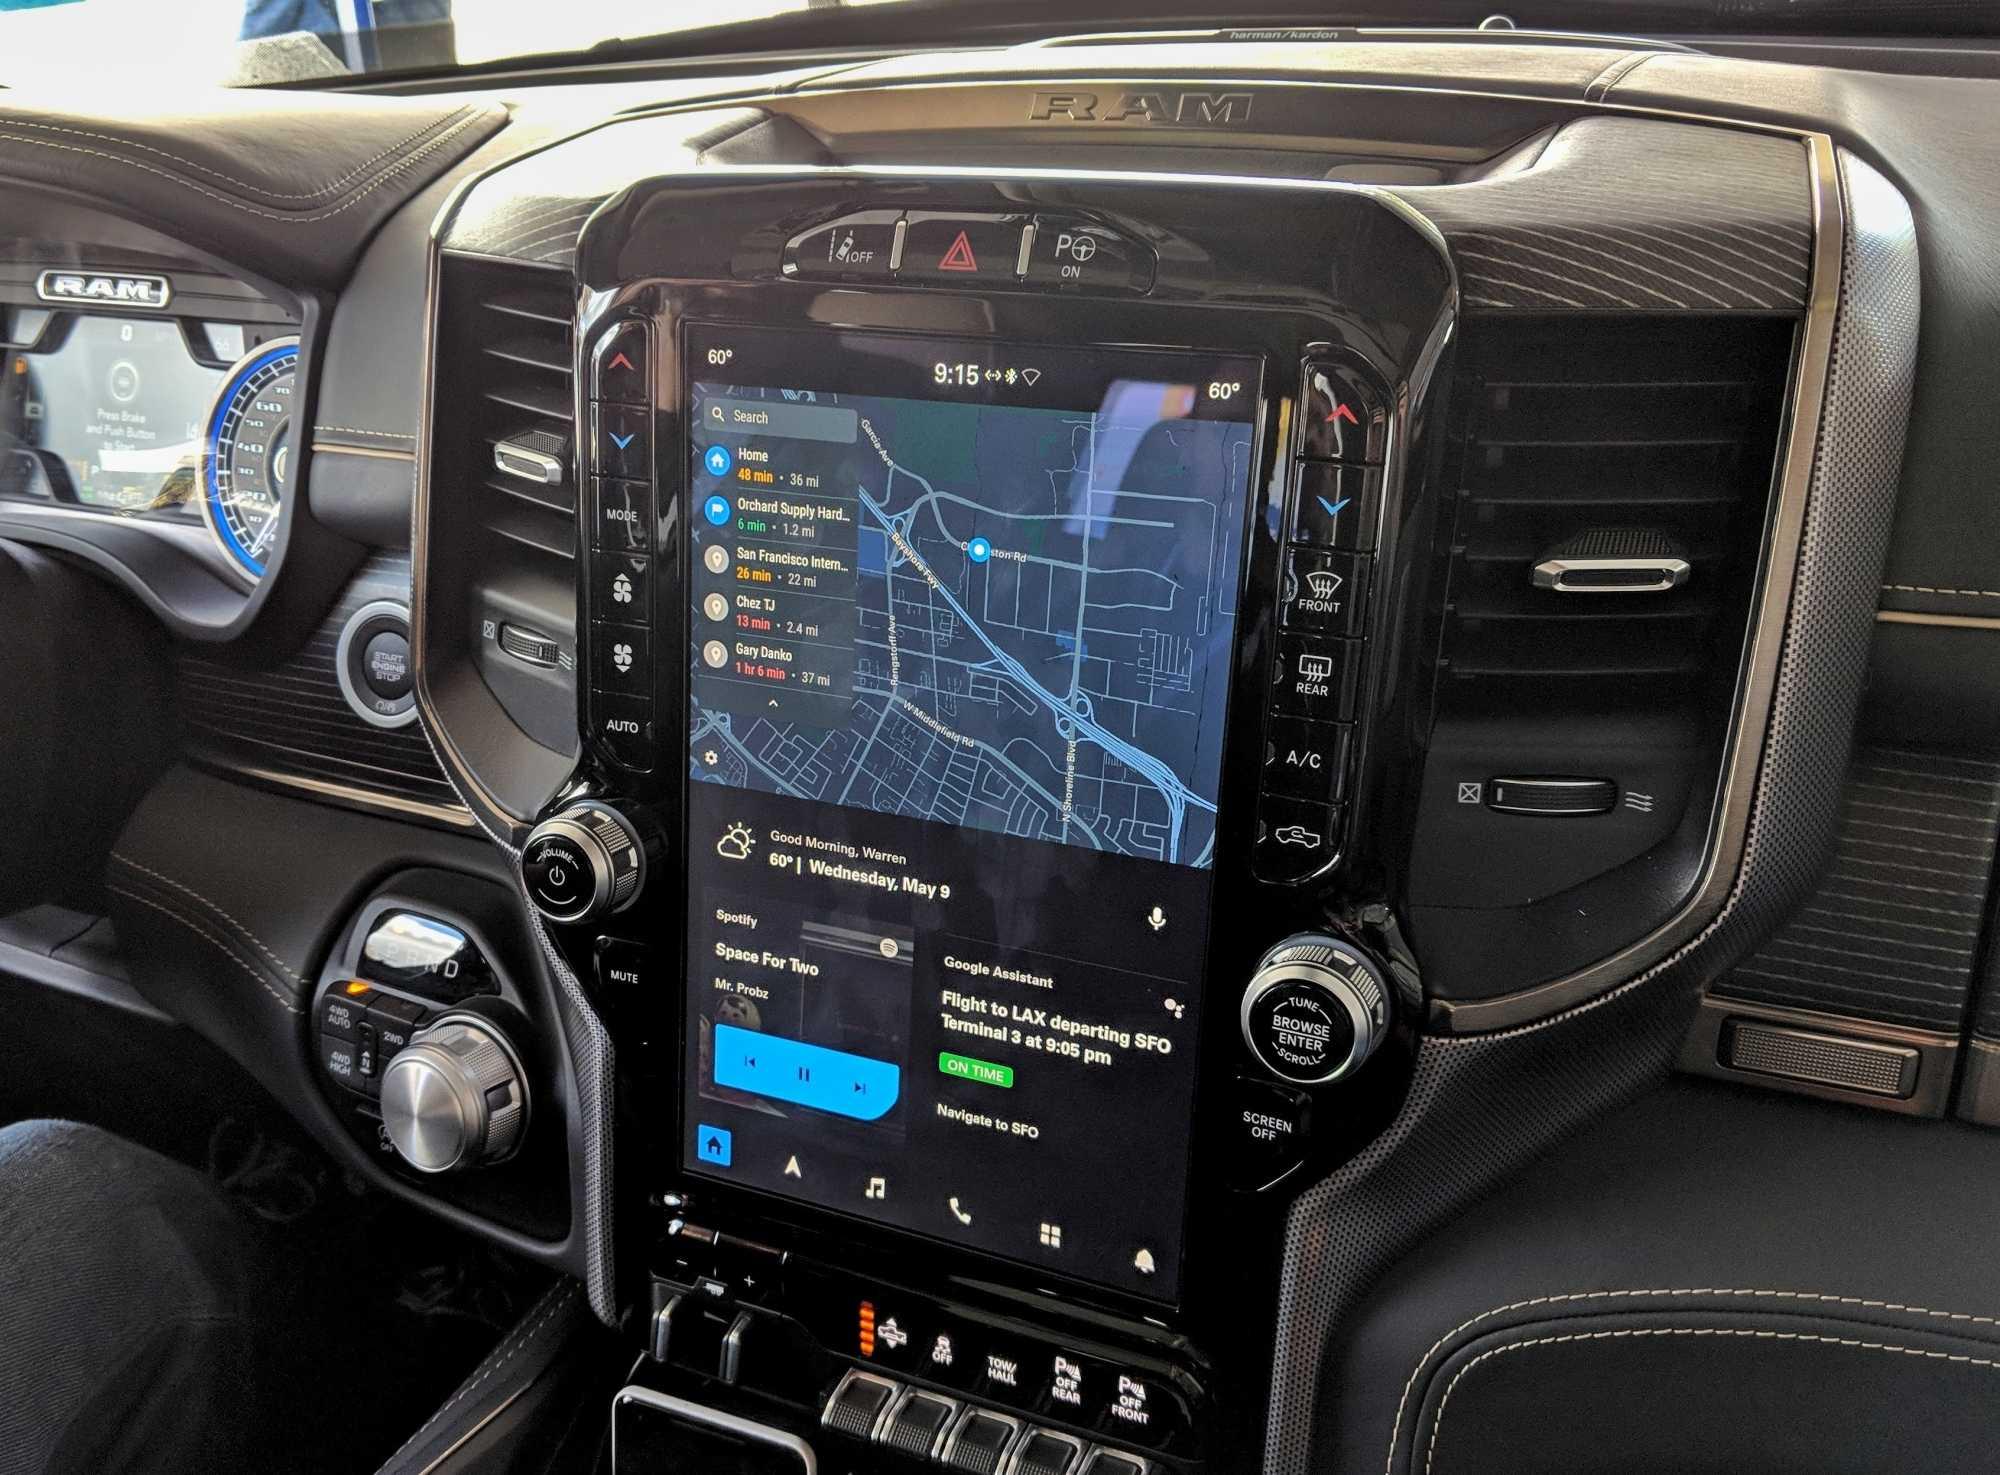 Android Auto Embedded blendet relevante Informationen ins Fahrzeugdisplay und läuft auf der Hardware des Autos.